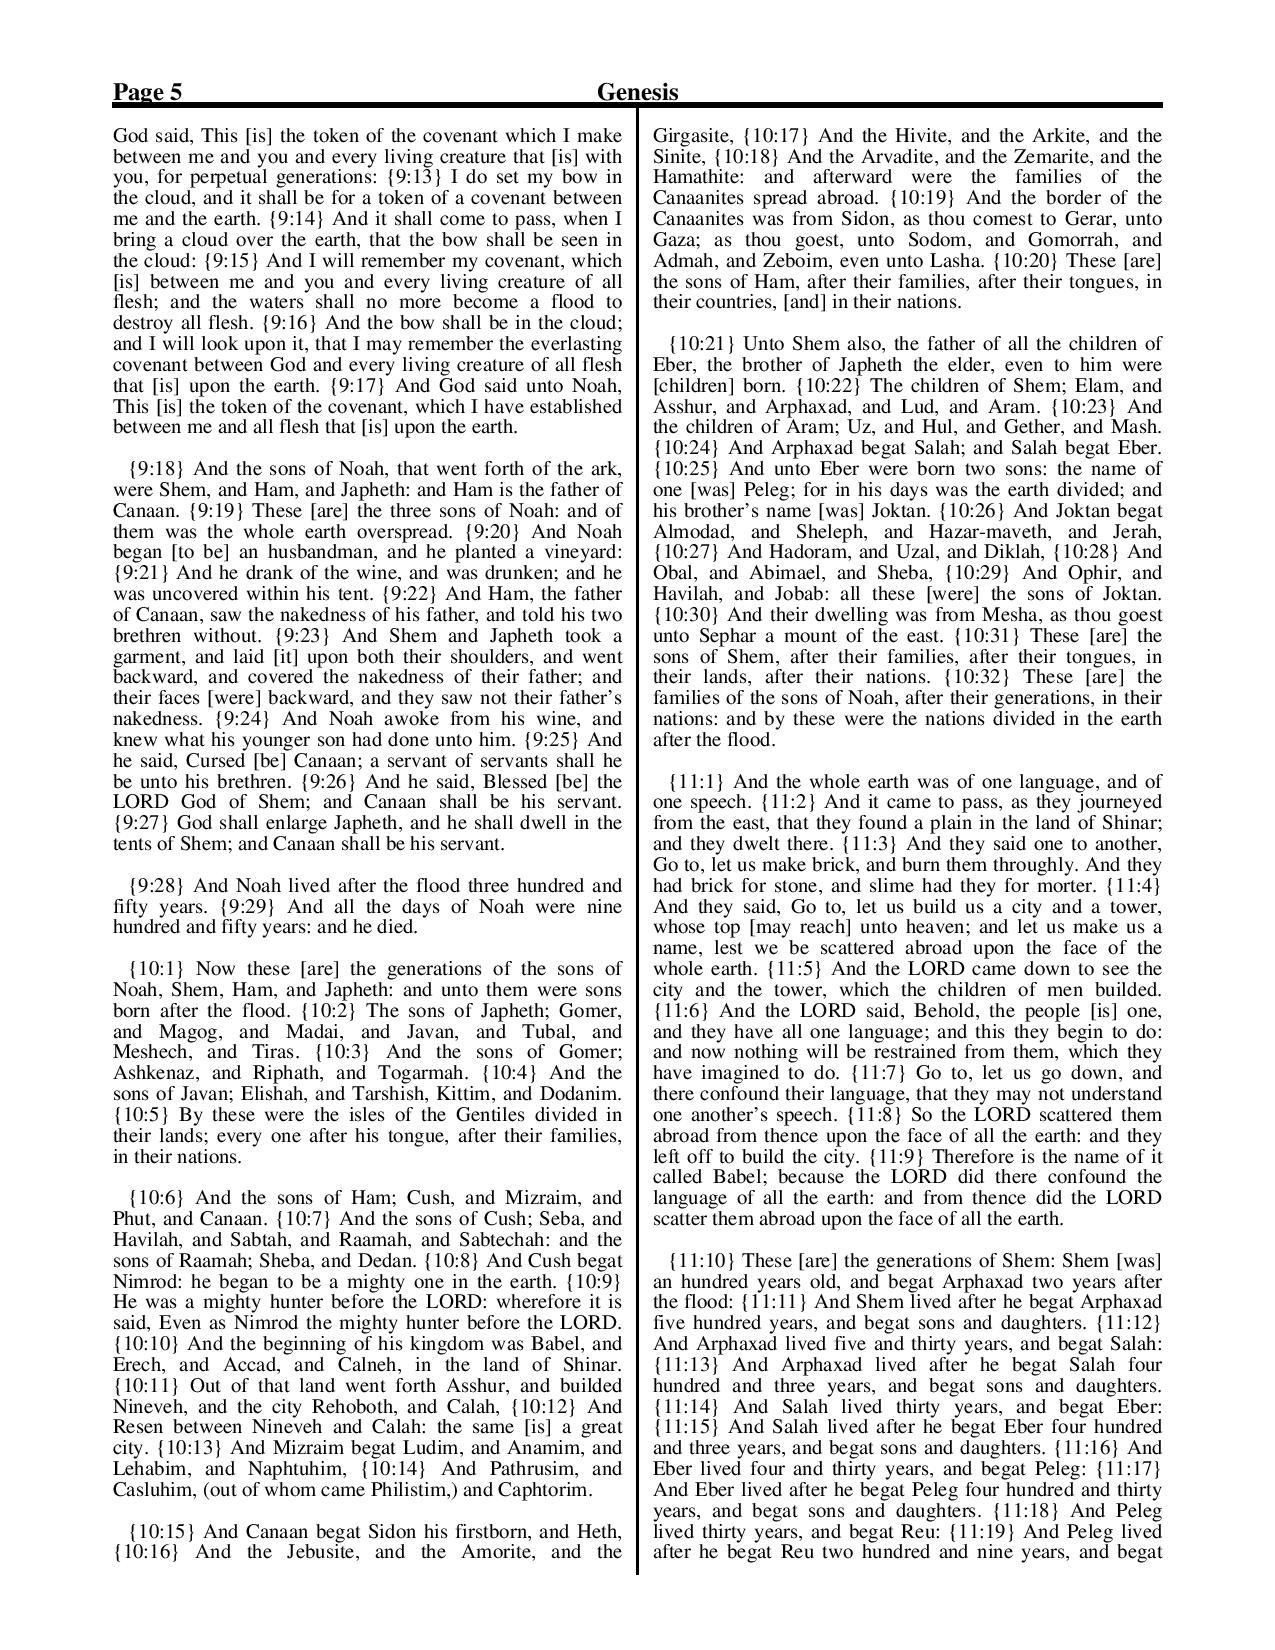 King-James-Bible-KJV-Bible-PDF-page-026